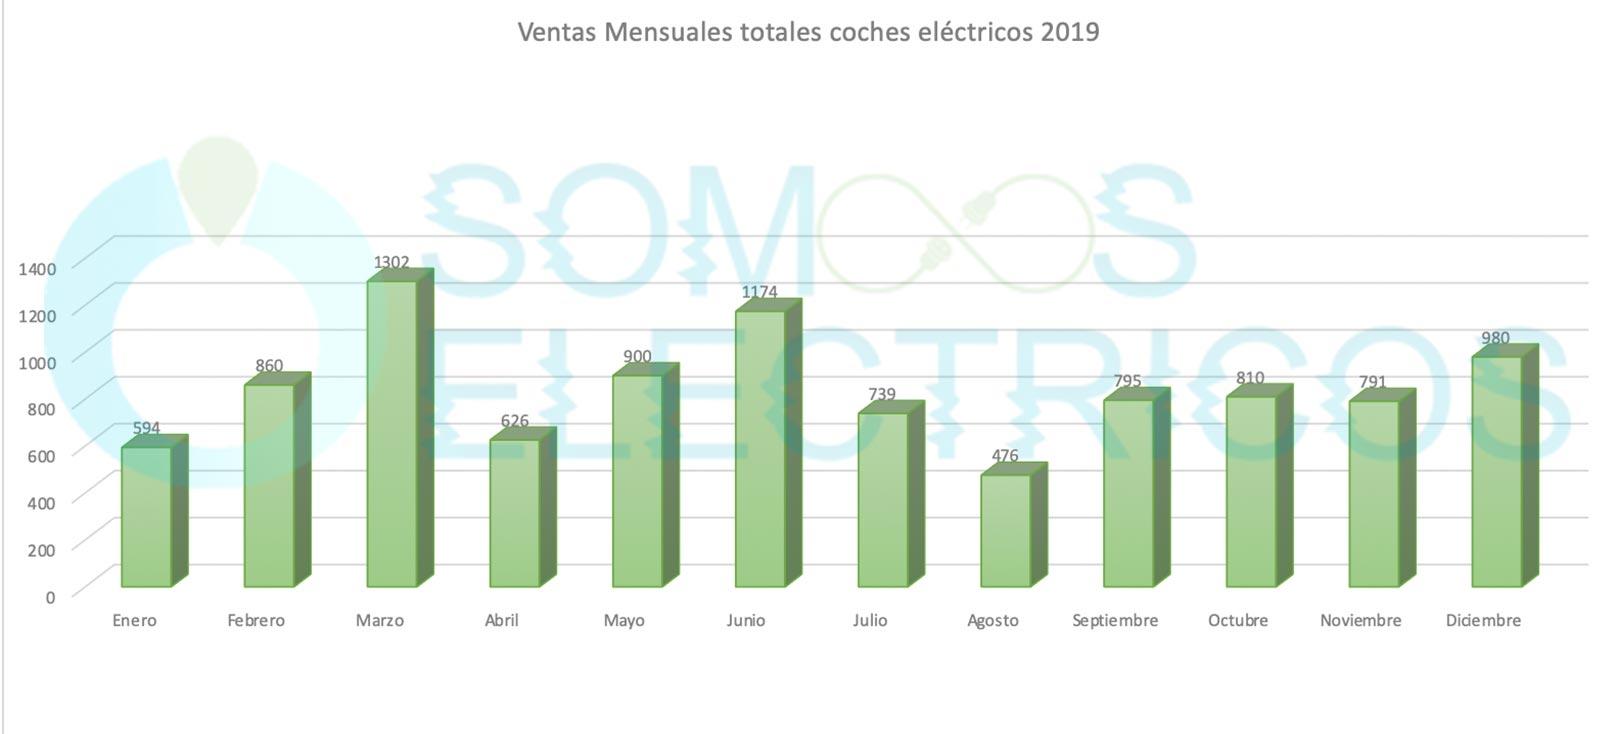 Venta de coches eléctricos dividido por meses en 2019 en España